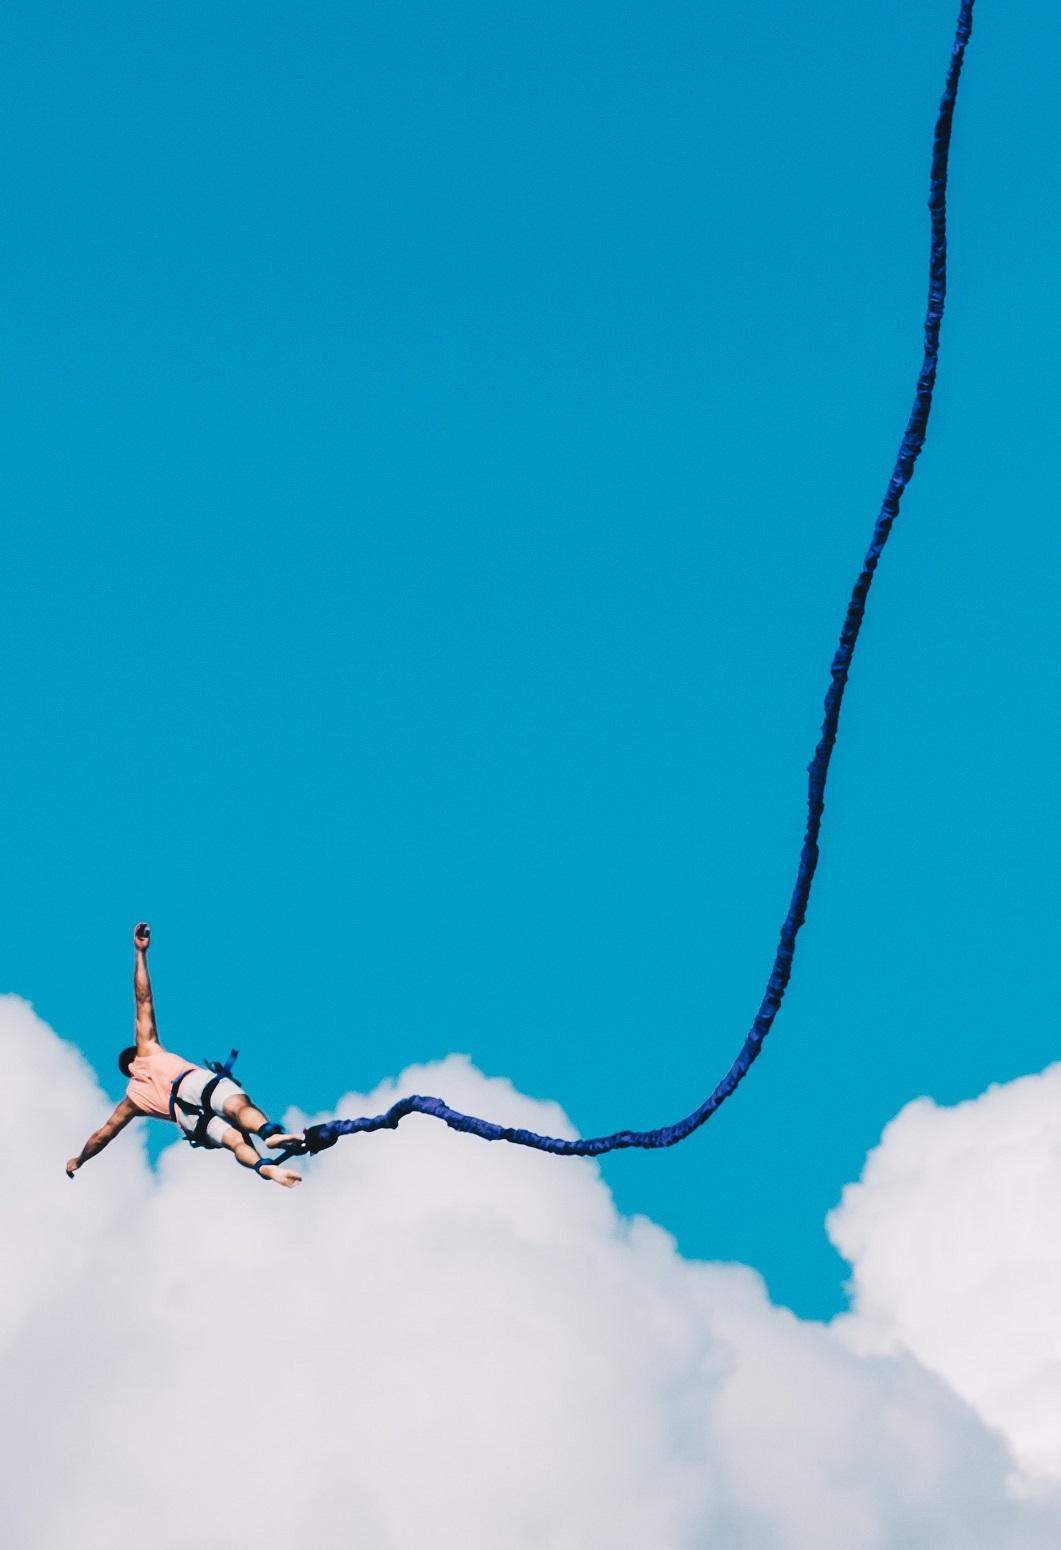 Gutscheinvorlage Bungee Jumping